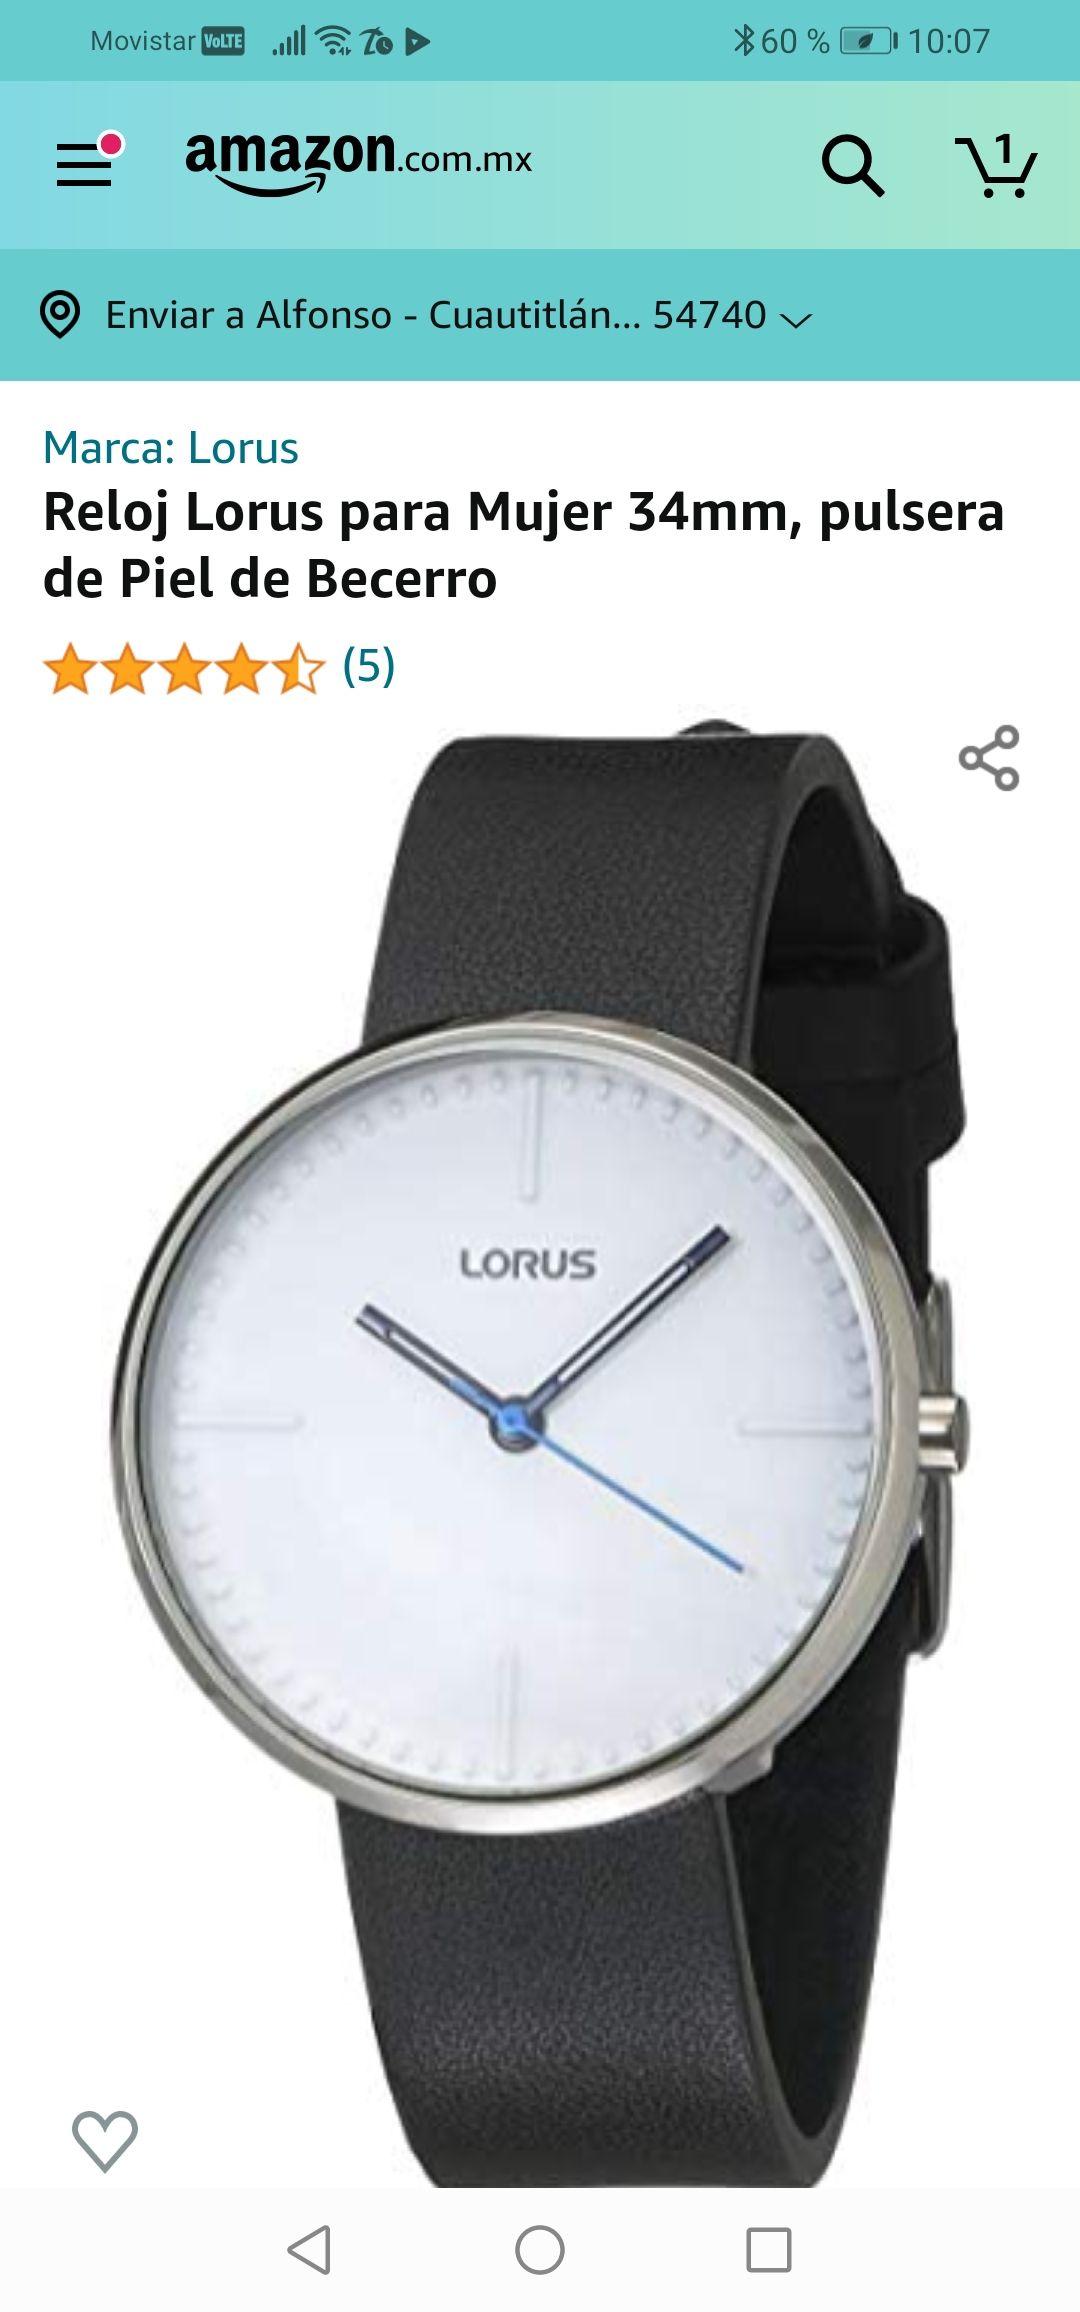 Amazon: Reloj Lorus